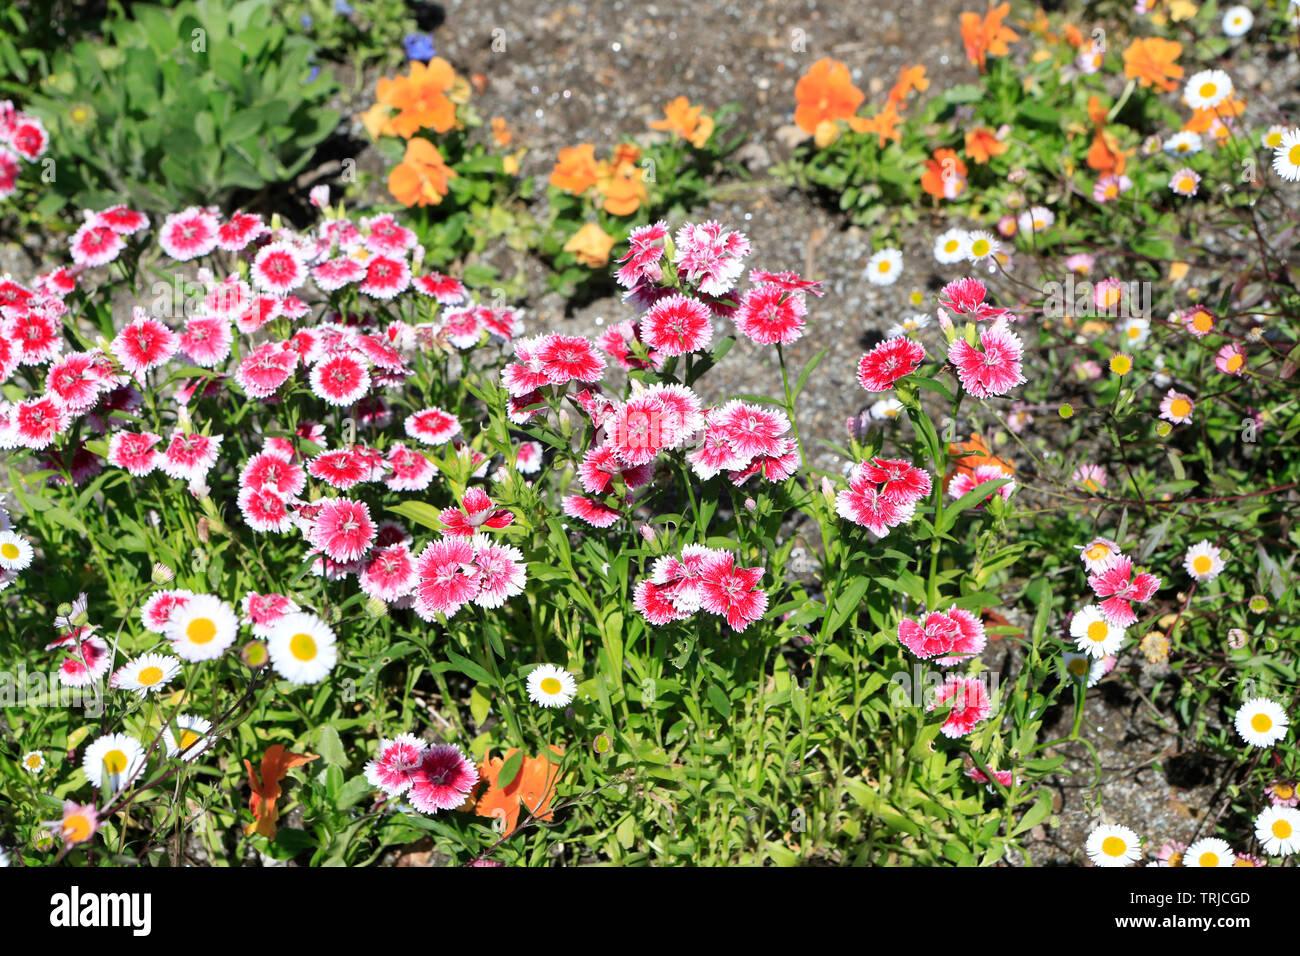 Dianthus barbatus. Sweet William. Flowers - Stock Image